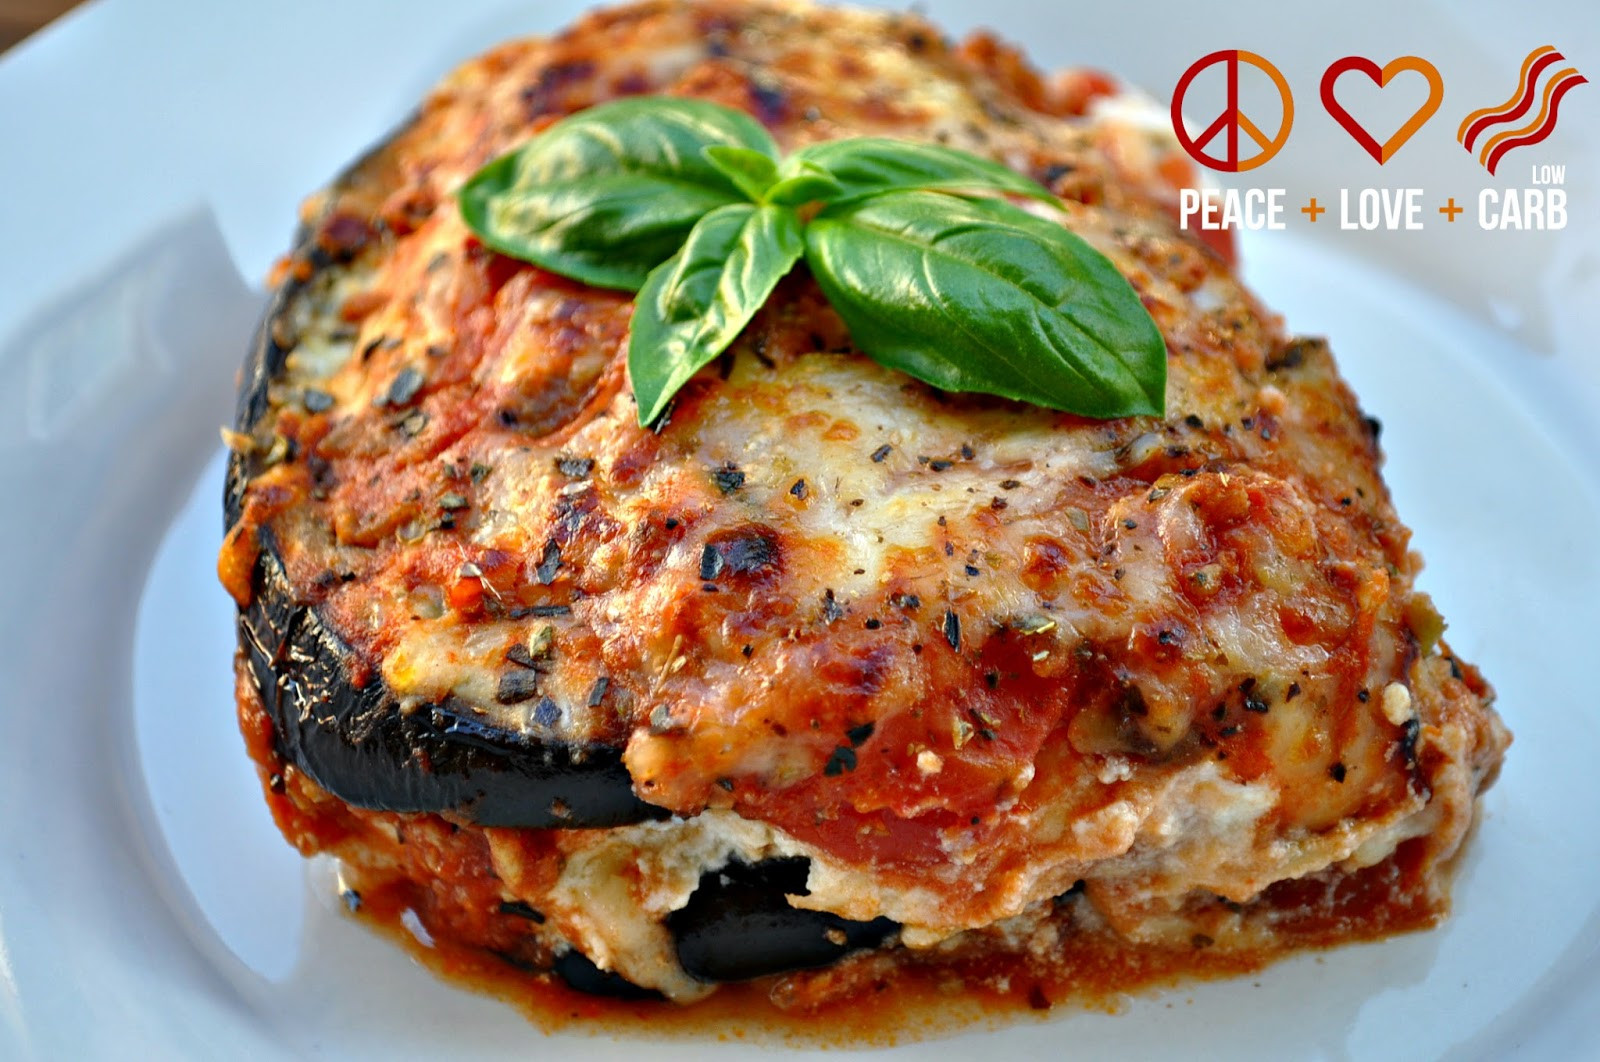 Eggplant Lasagna Healthy  Eggplant Lasagna with Meat Sauce Low Carb Lasagna